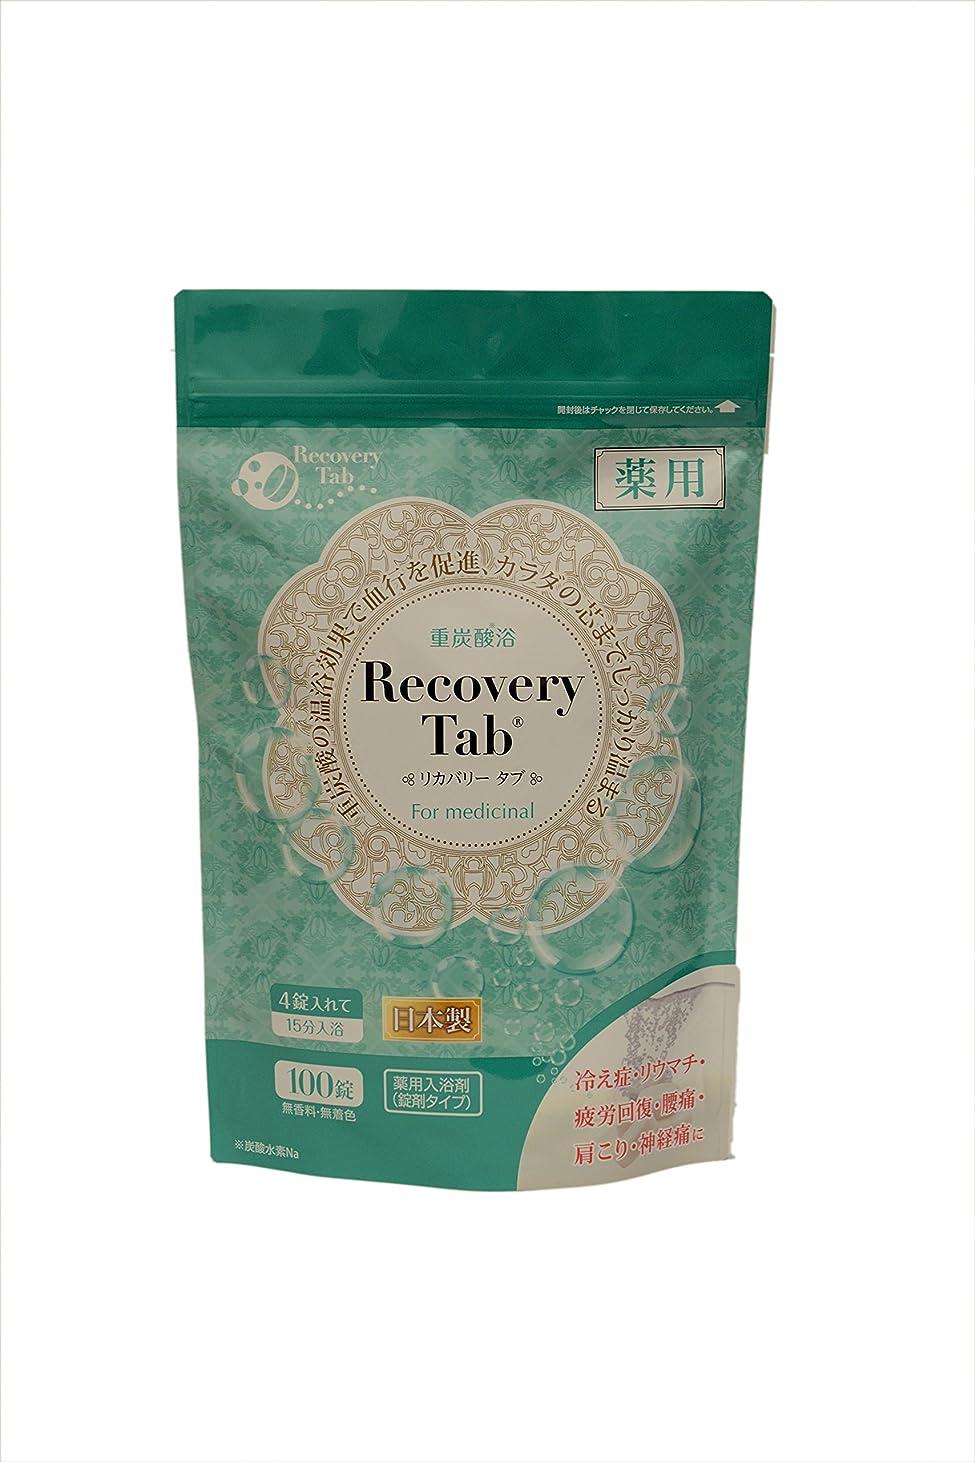 クロール誕生日焼く薬用 Recovery Tab リカバリータブ 100錠 リカバリーマインド 医薬部外品 正規販売店